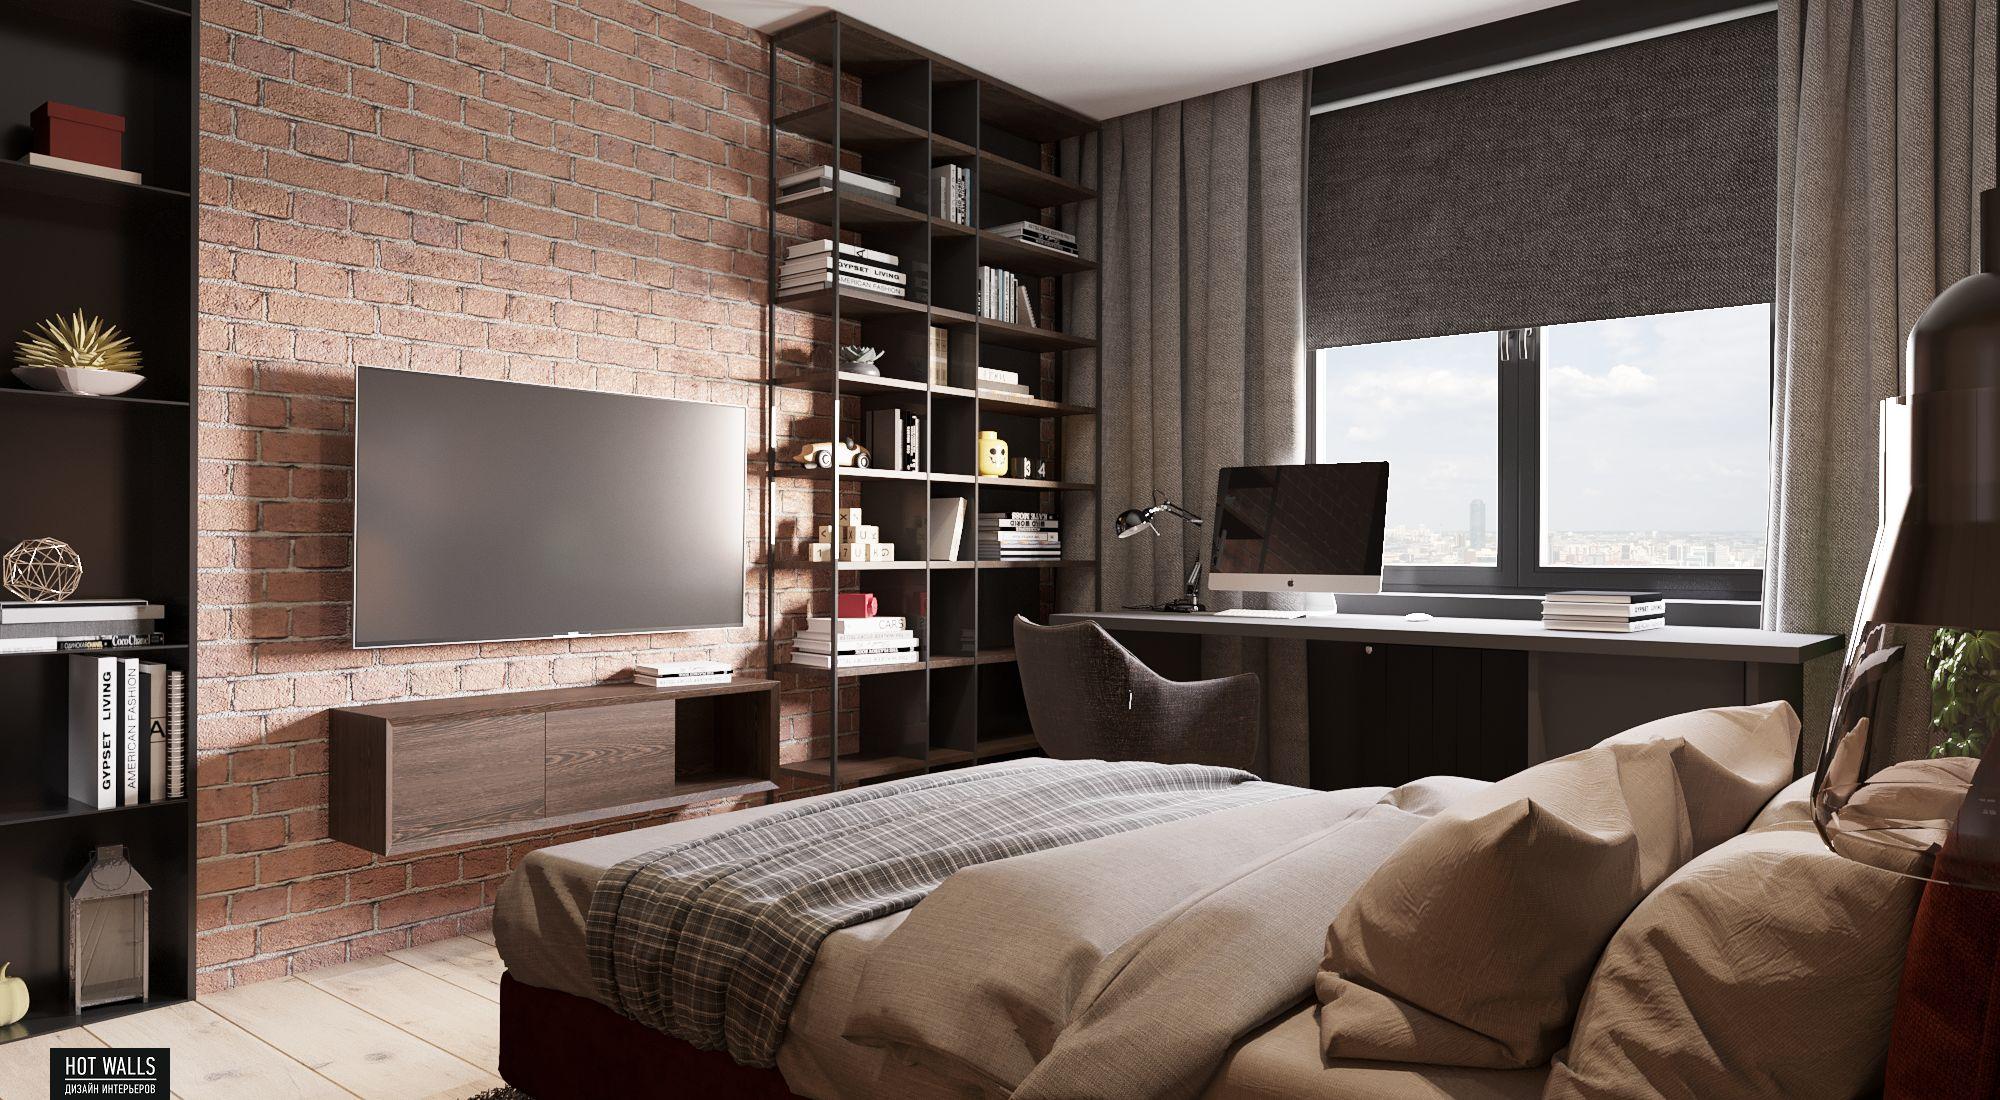 Bedroom_16.06.17_5